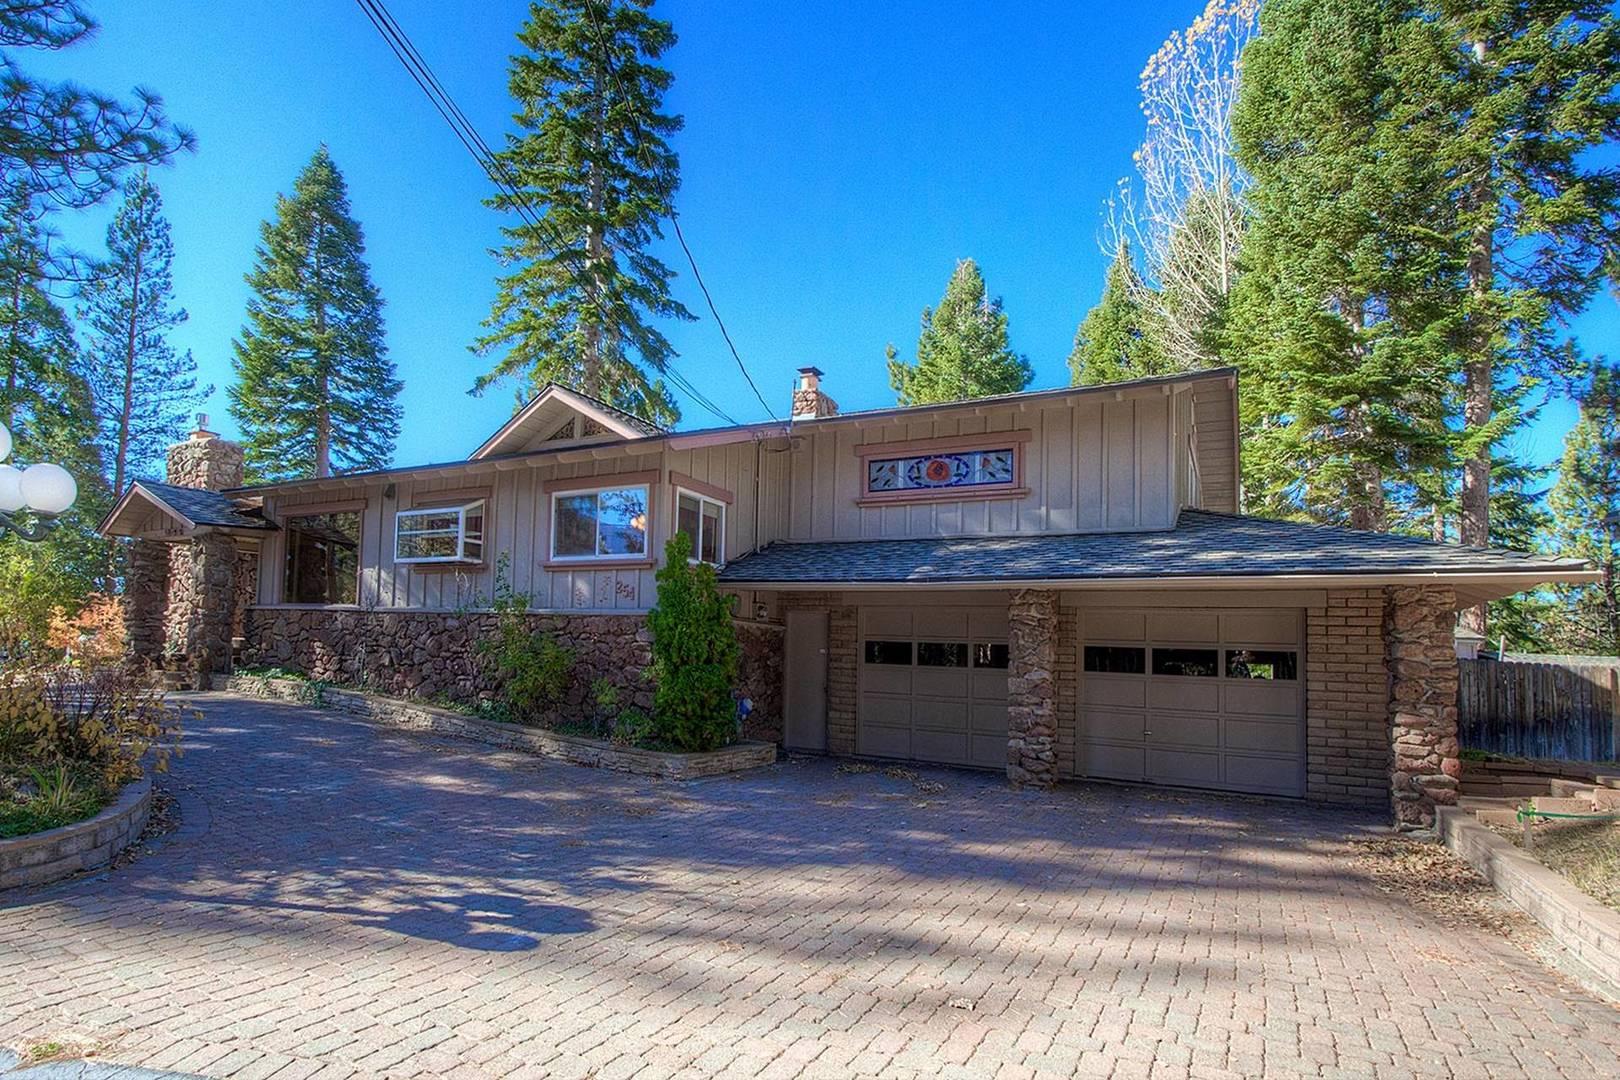 nvh1257 Lake tahoe vacation rental